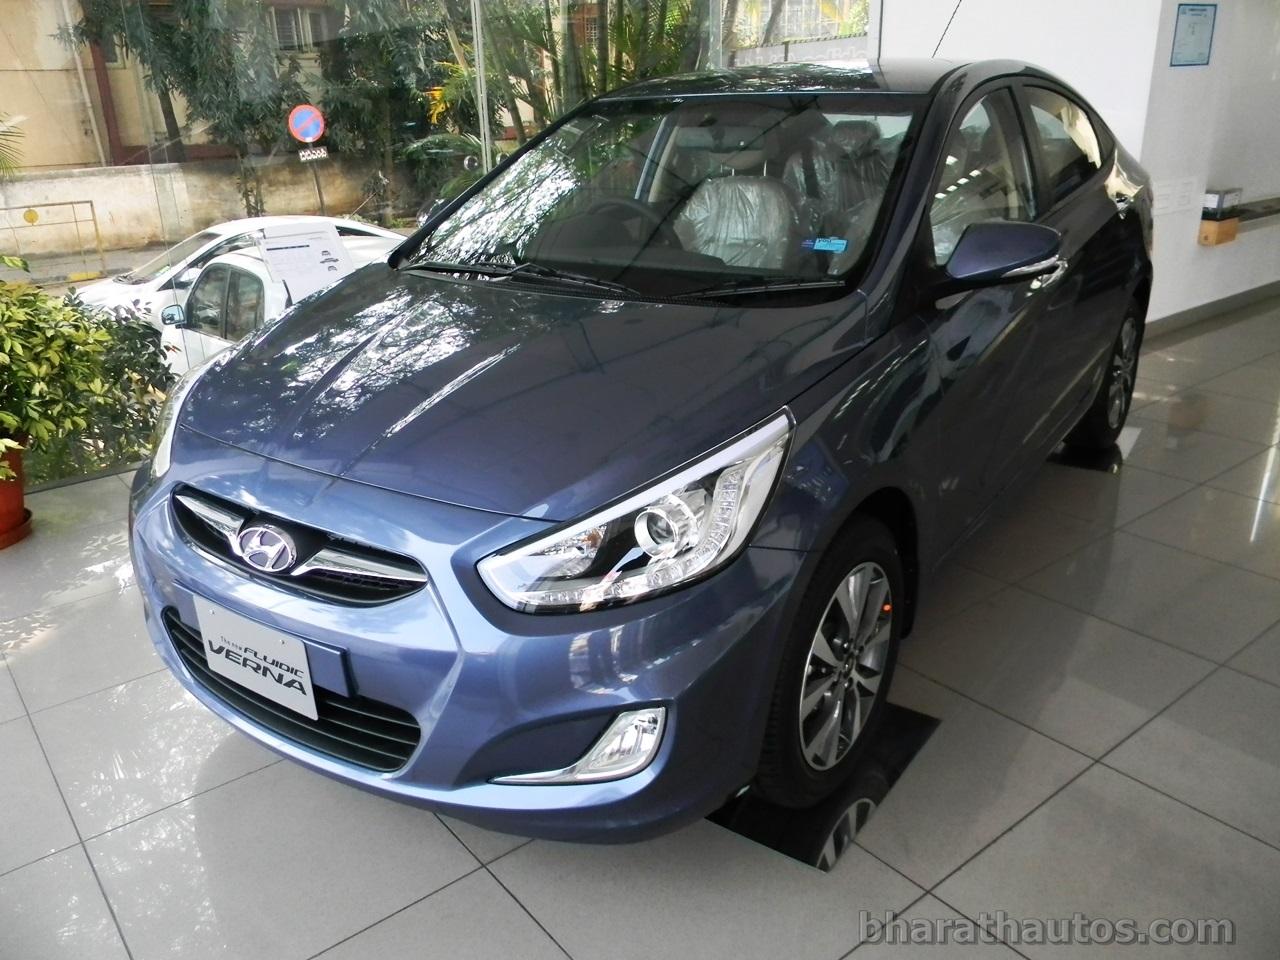 New 2014 Hyundai Verna FrontView